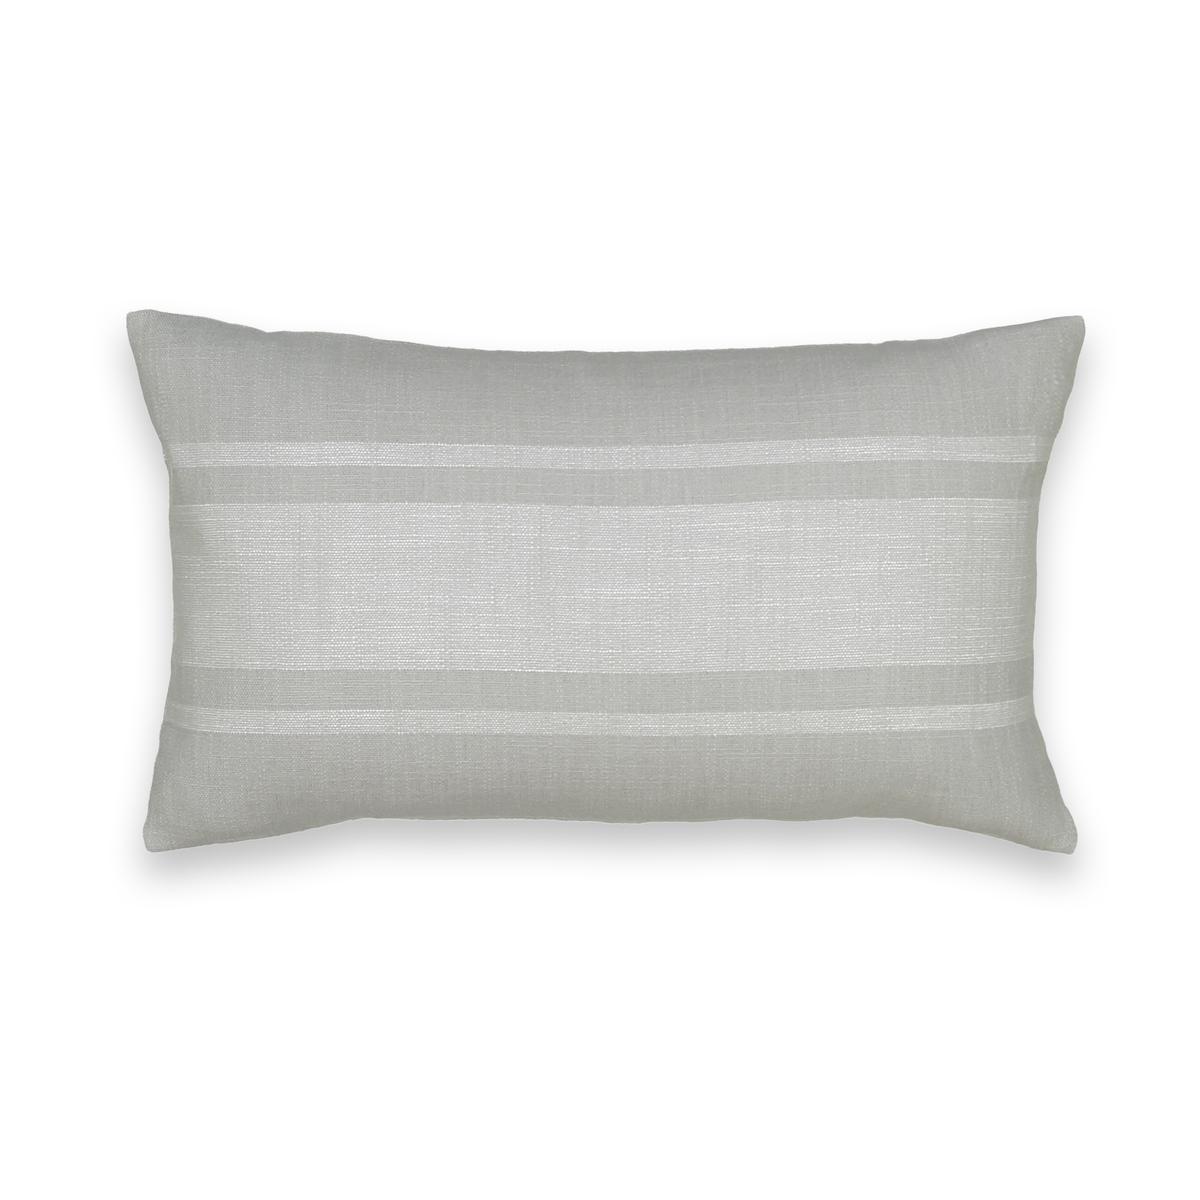 Чехол La Redoute На подушку или наволочка ZIRA 65 x 65 см серый наволочка la redoute flooch 50 x 30 см бежевый